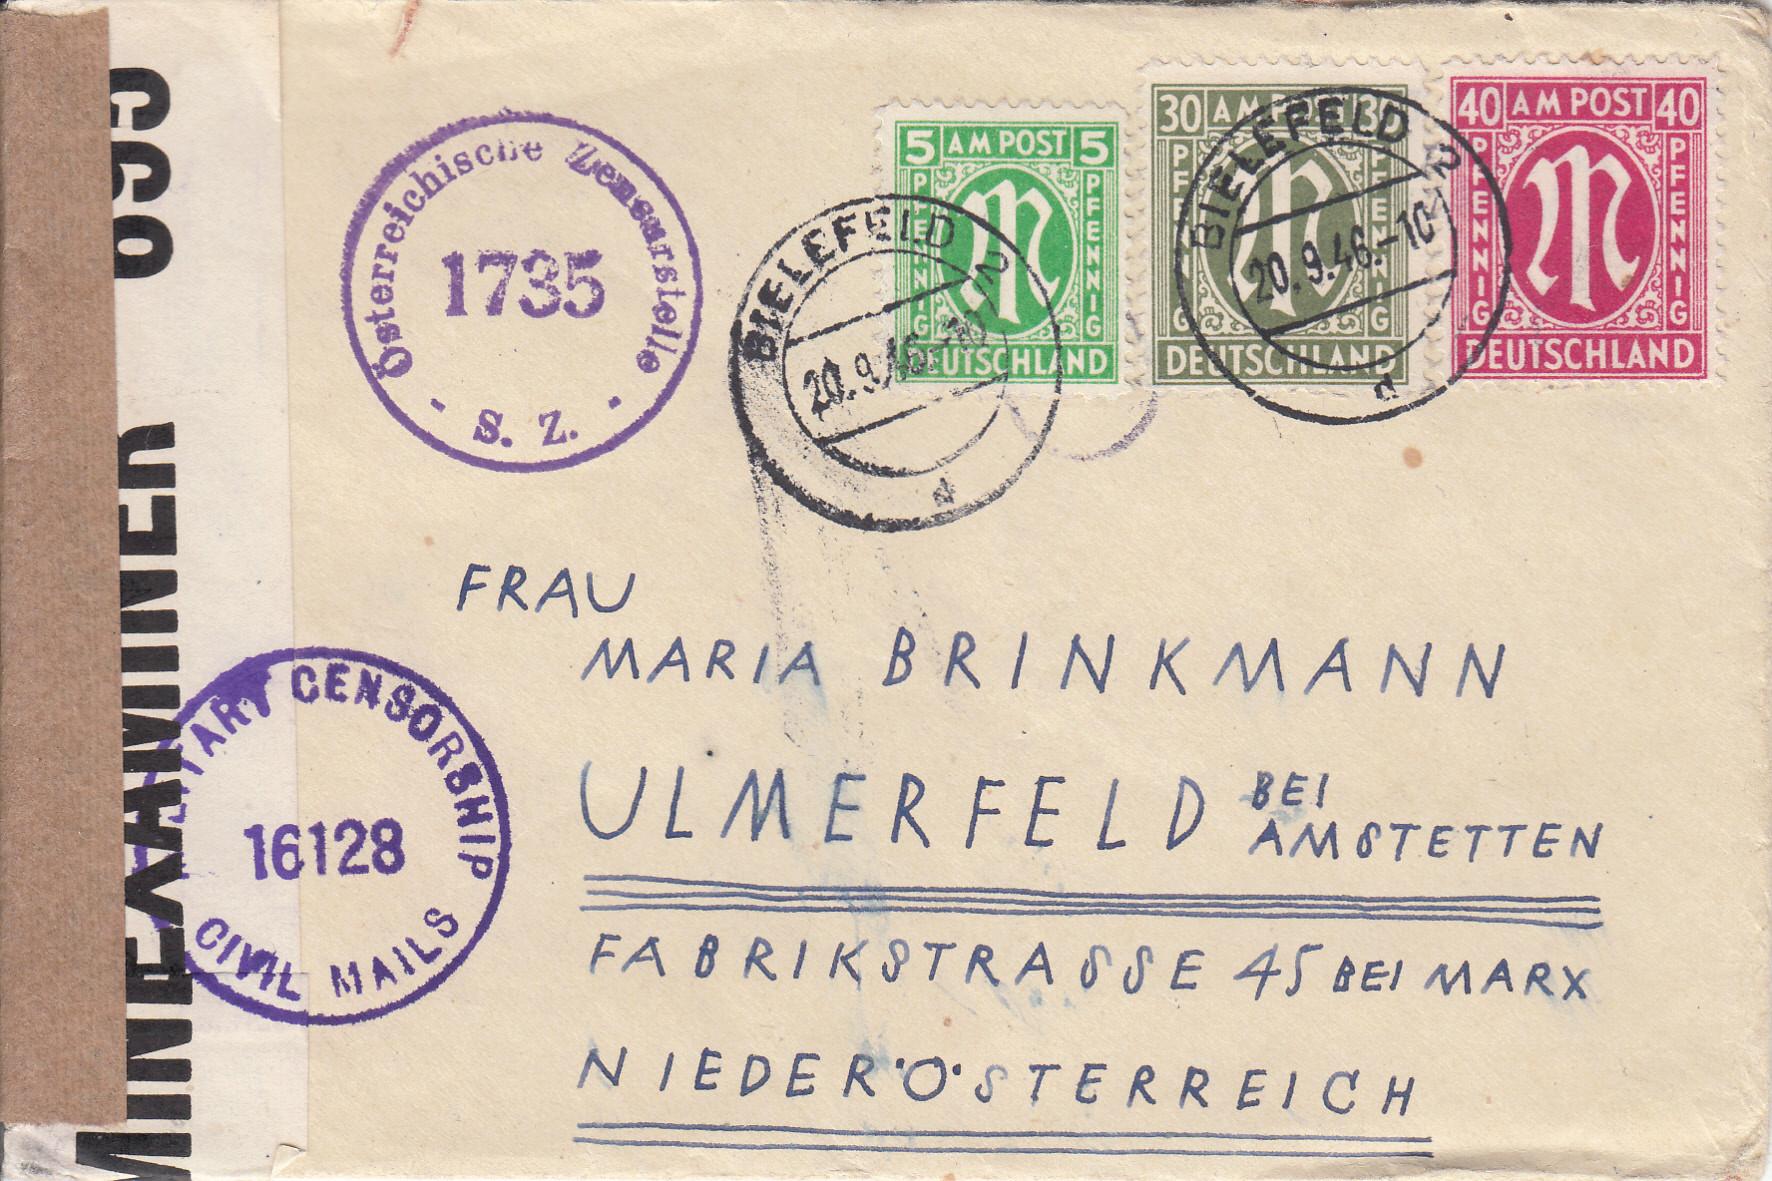 Deutschland - Frage zu Zensurstempel Deutschland nach 1945 Img_0194